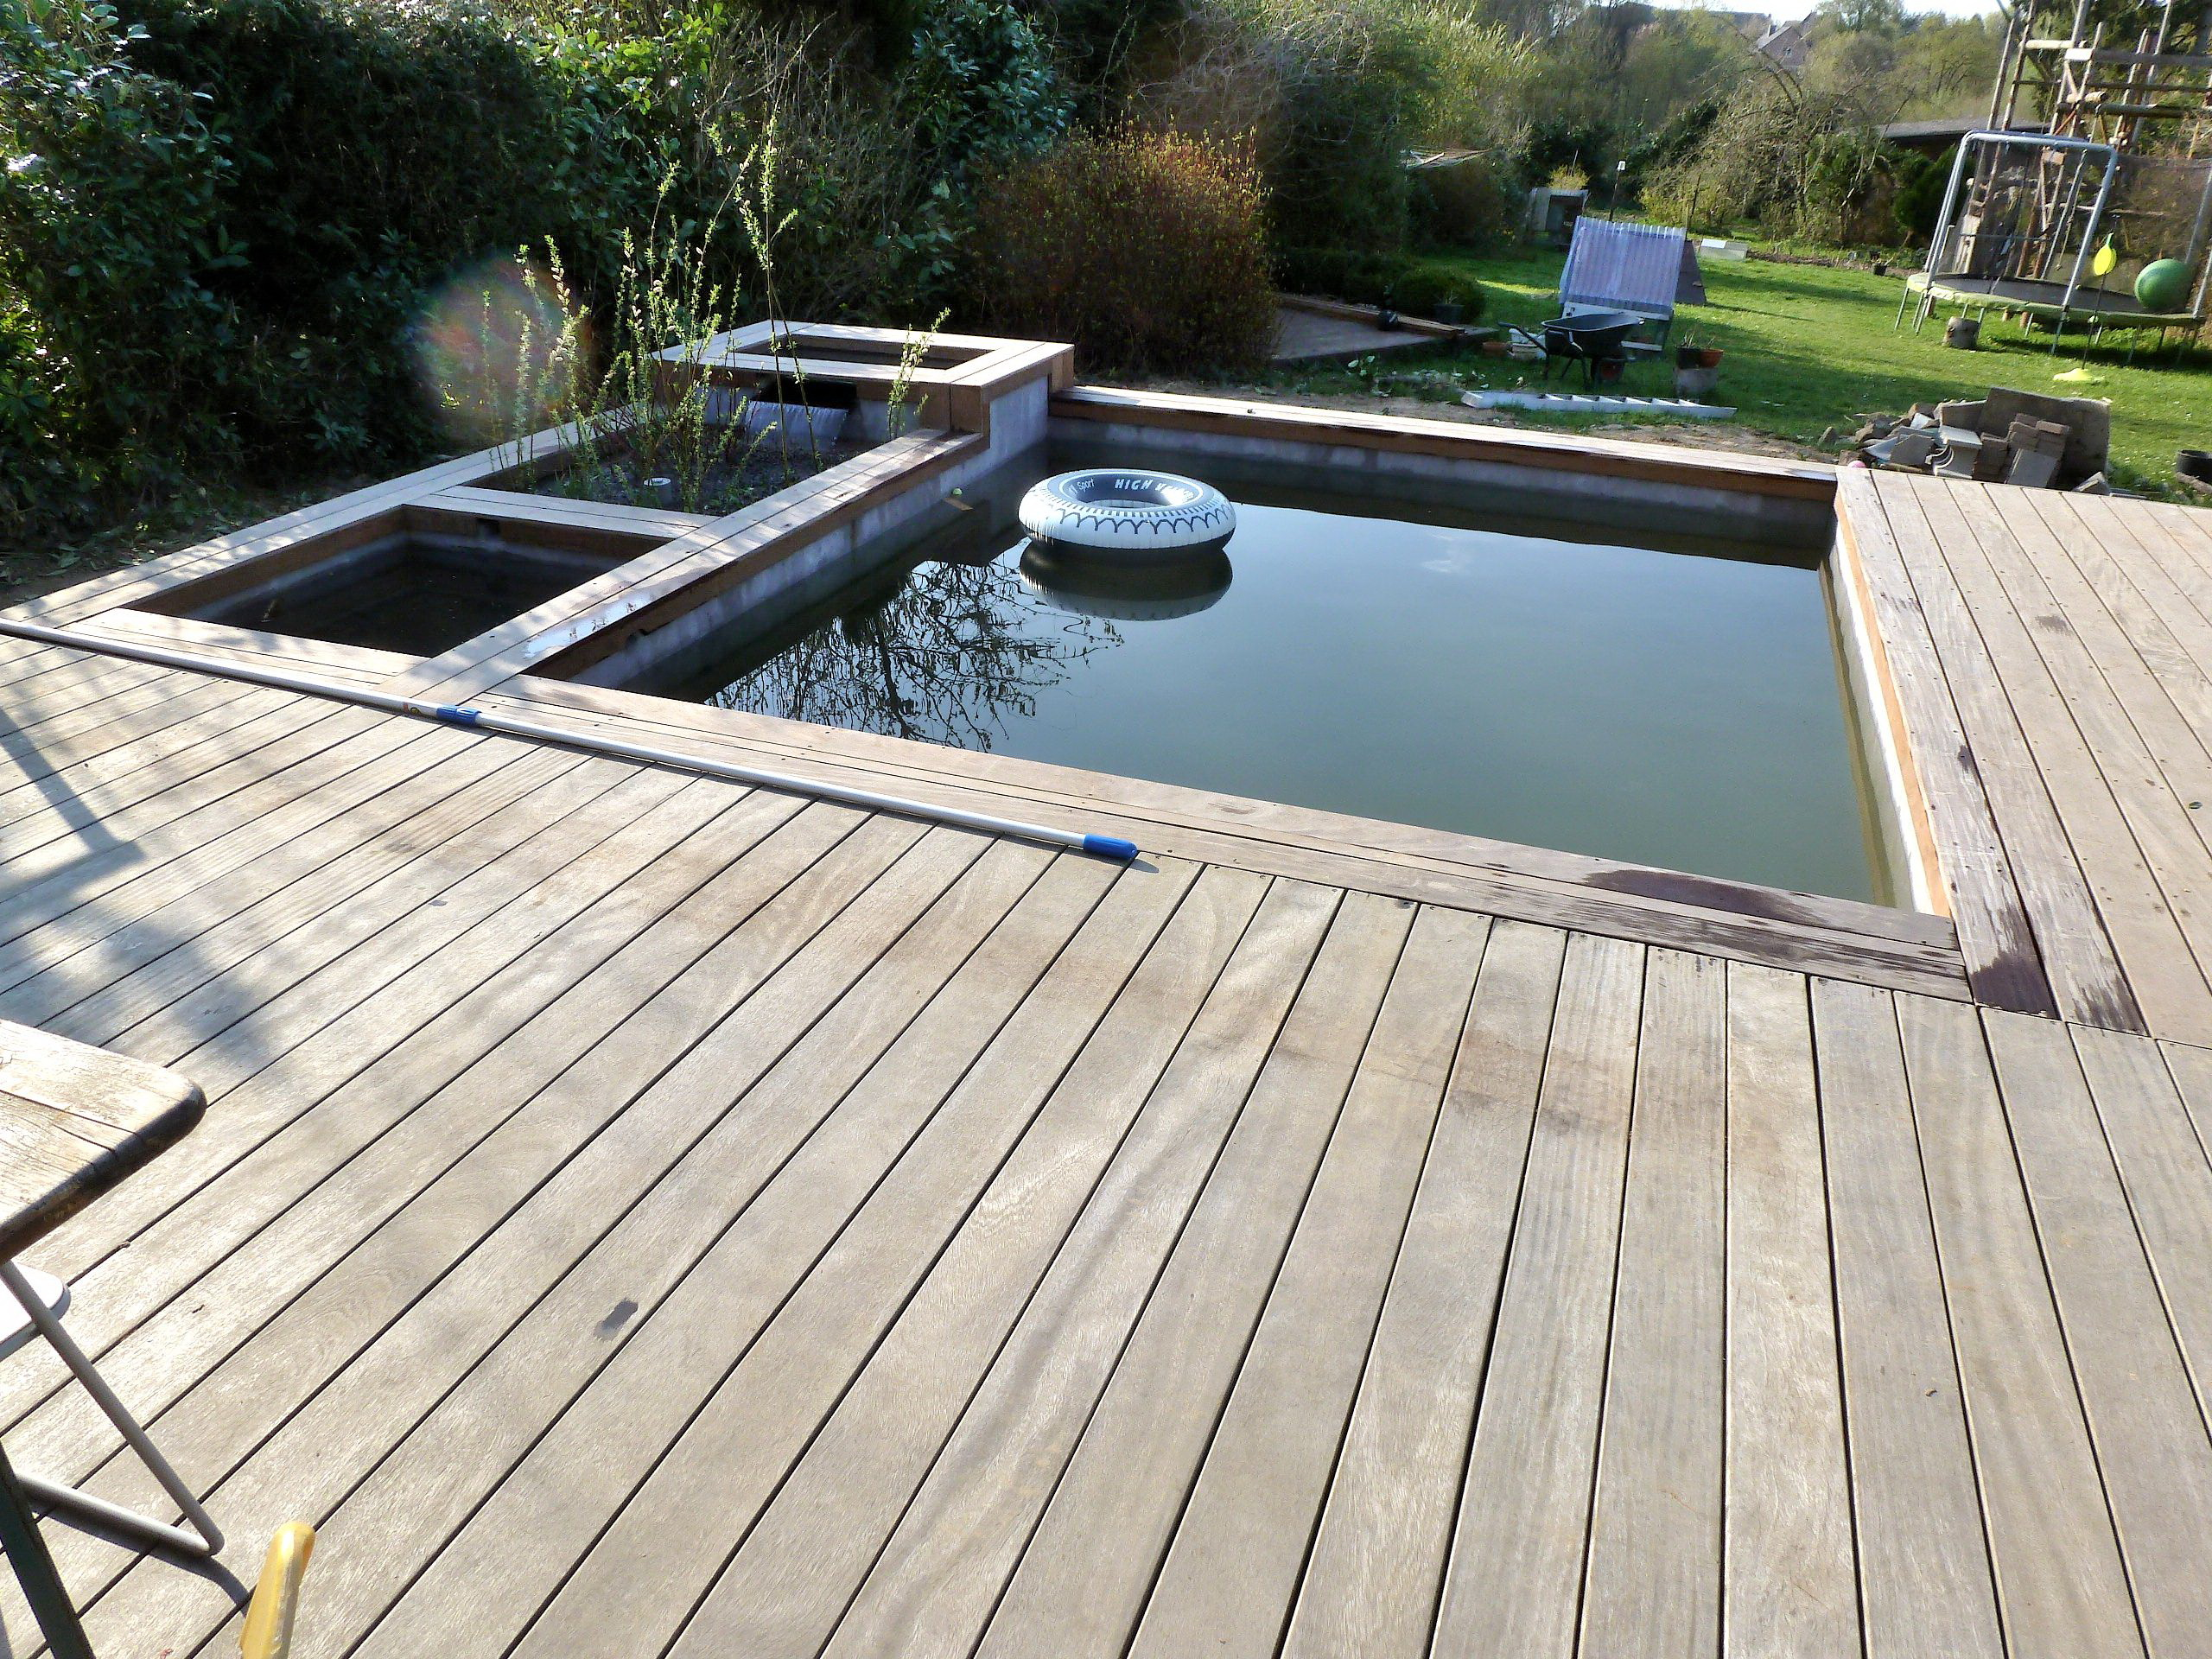 Hoe mijn zwembad kiezen lpw pools magazine - Natuurlijk zwembad ...